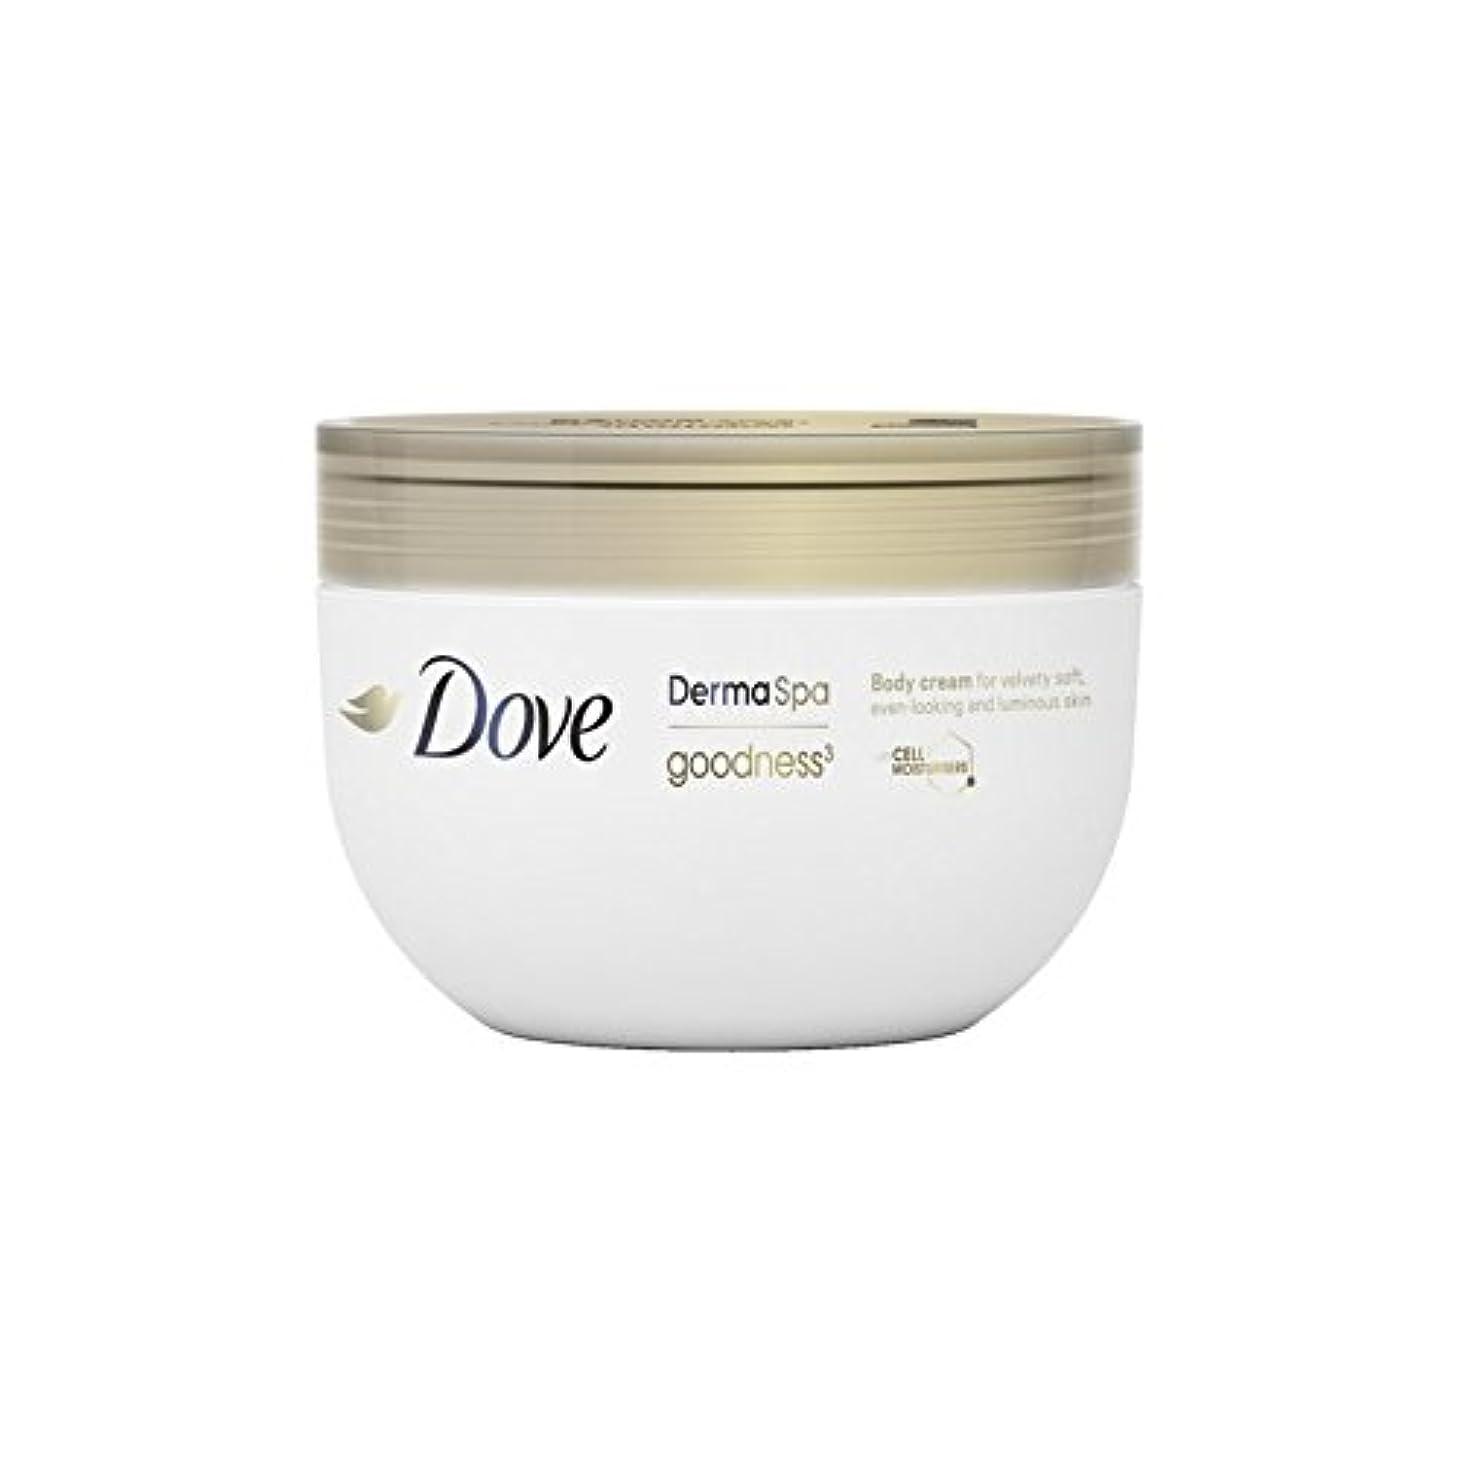 マウンド四回ブッシュ鳩の3ボディクリーム(300ミリリットル) x4 - Dove DermaSpa Goodness3 Body Cream (300ml) (Pack of 4) [並行輸入品]